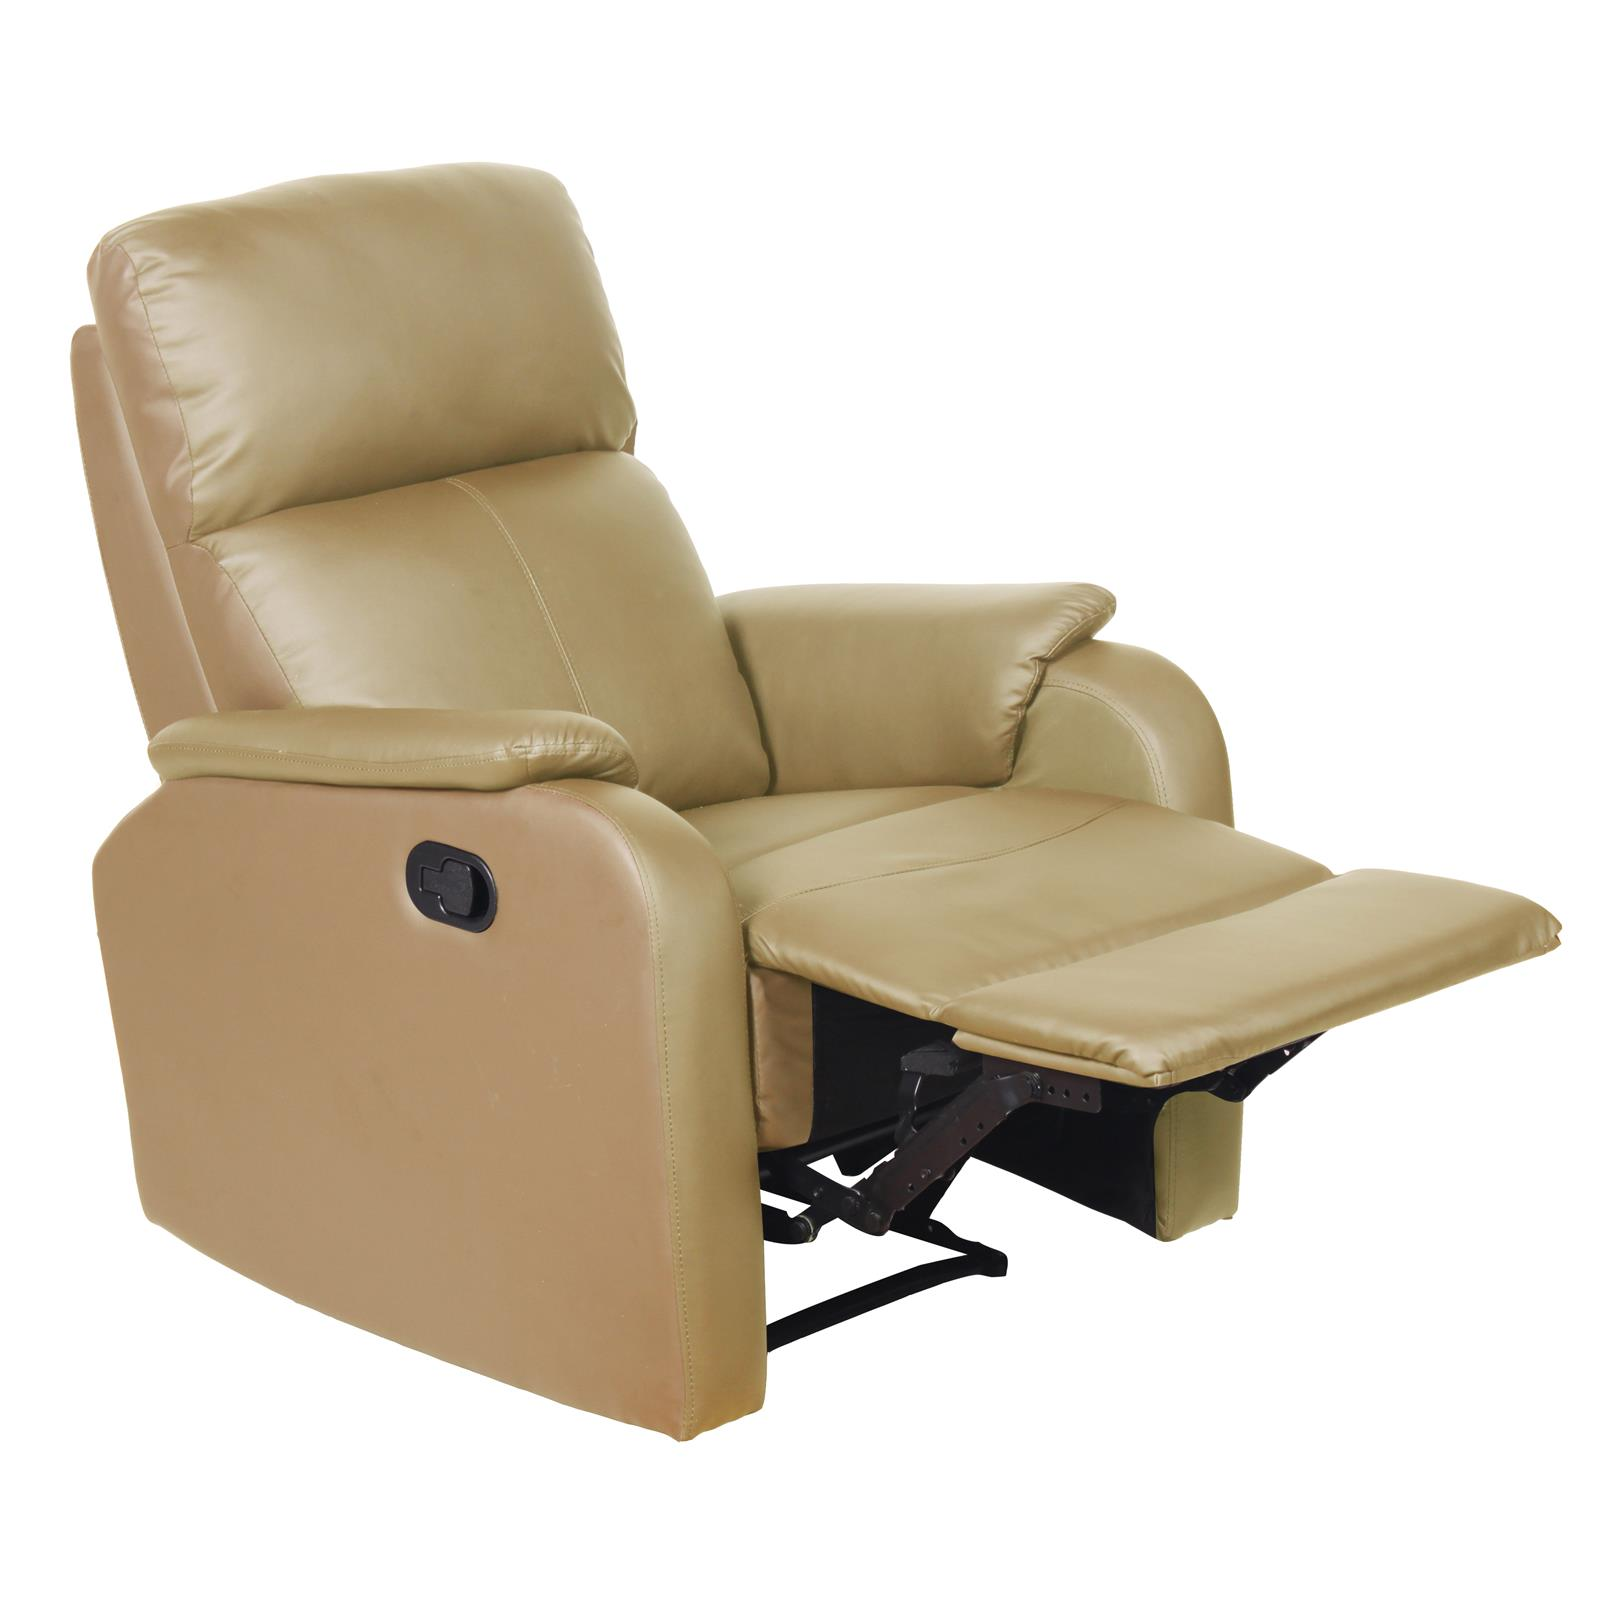 fernsehsessel relaxsessel aus kunstleder mit fu ablage liege tv ebay. Black Bedroom Furniture Sets. Home Design Ideas